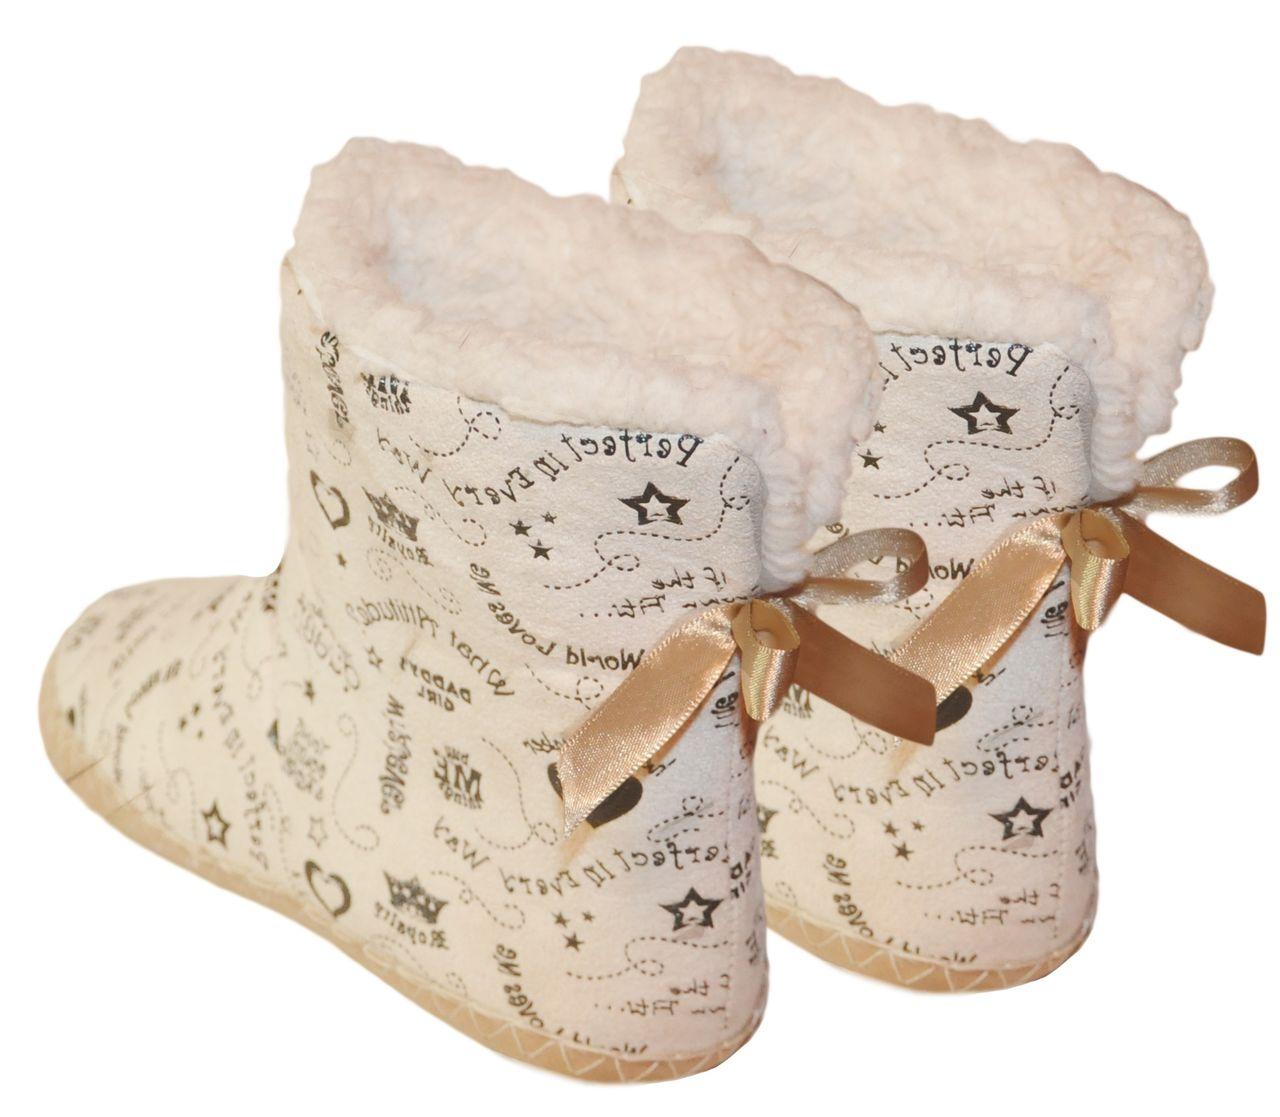 Сбор заказов. Hobby Line: колготки, леггинсы (втч для беременных), джеггинсы, теплые и хлопковые носки, шарфы, тапочки-носочки и прочие нужности для всей семьи-9. Без рядов. Огромные галереи, много распродажи